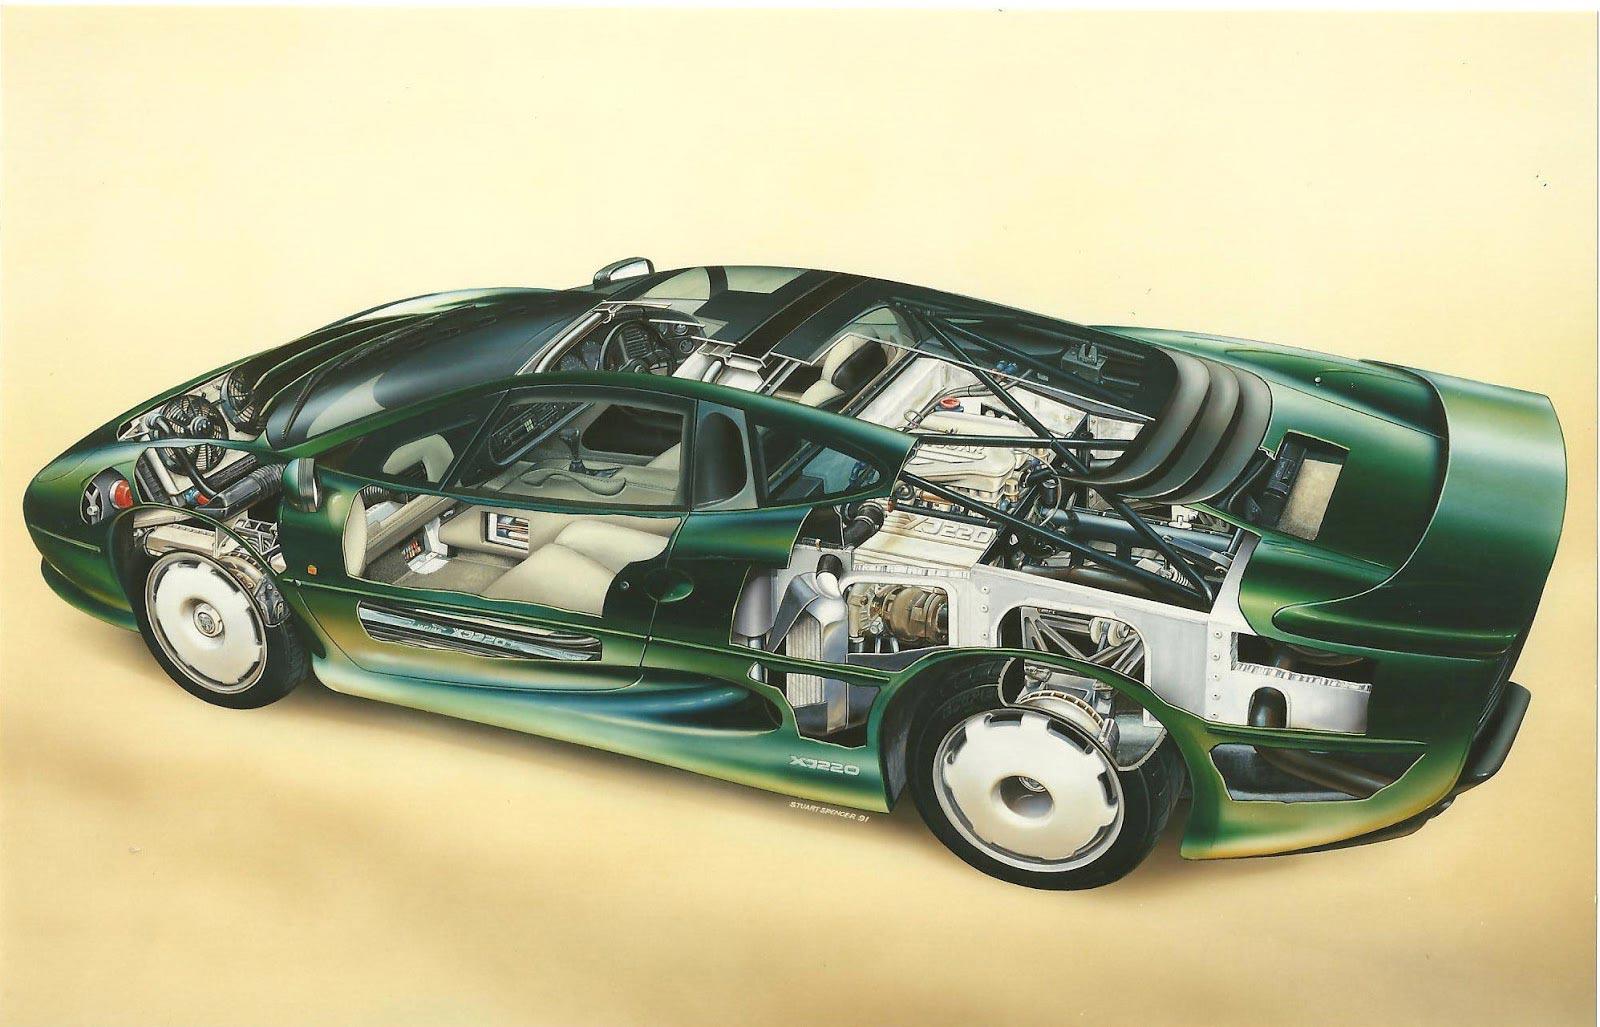 Jaguar XJ220 cutaway